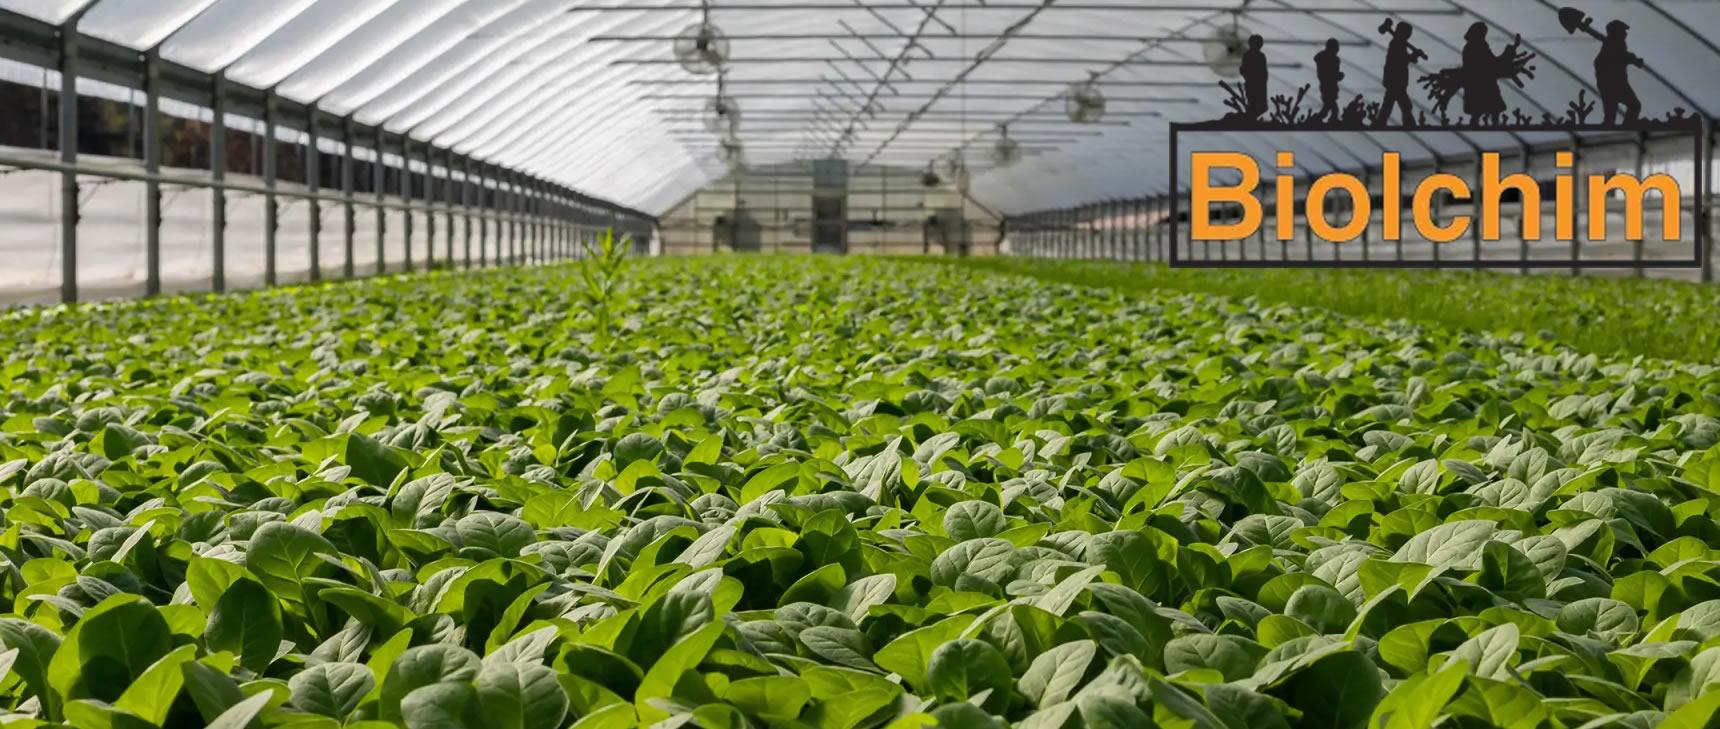 Descubra como esses agricultores, usando os <br /> nossos produtos, tornaram a sua colheita num sucesso.